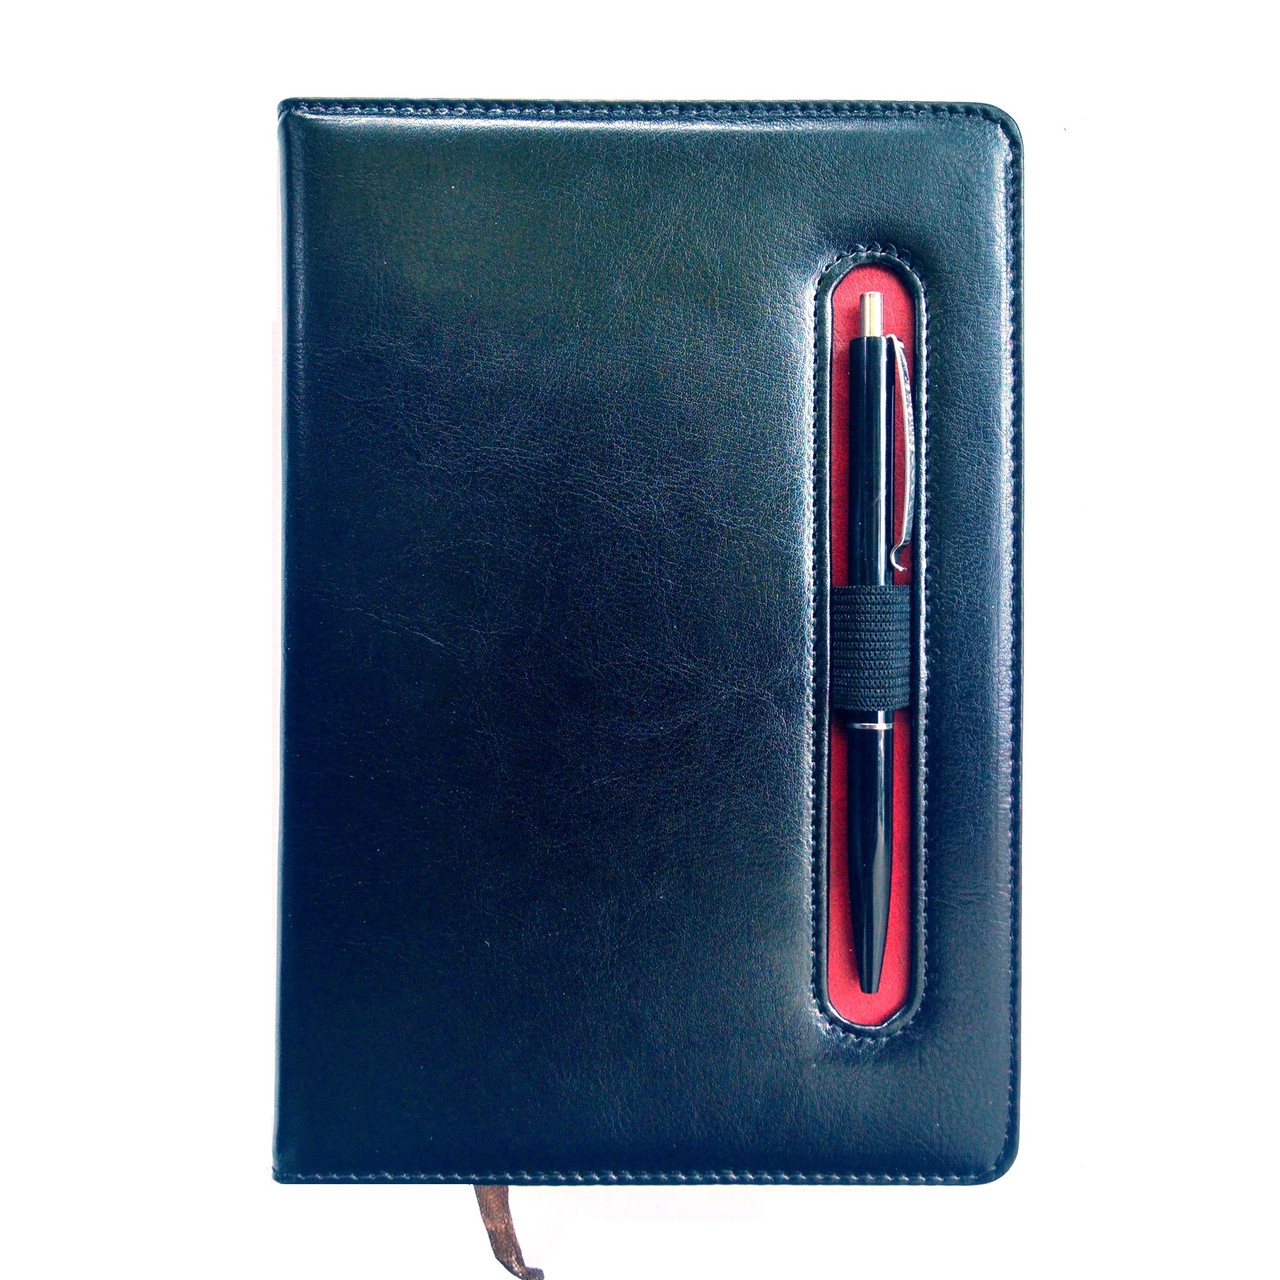 Щоденник недатований з ручкою А5, 150л., клітка №2801, чорний